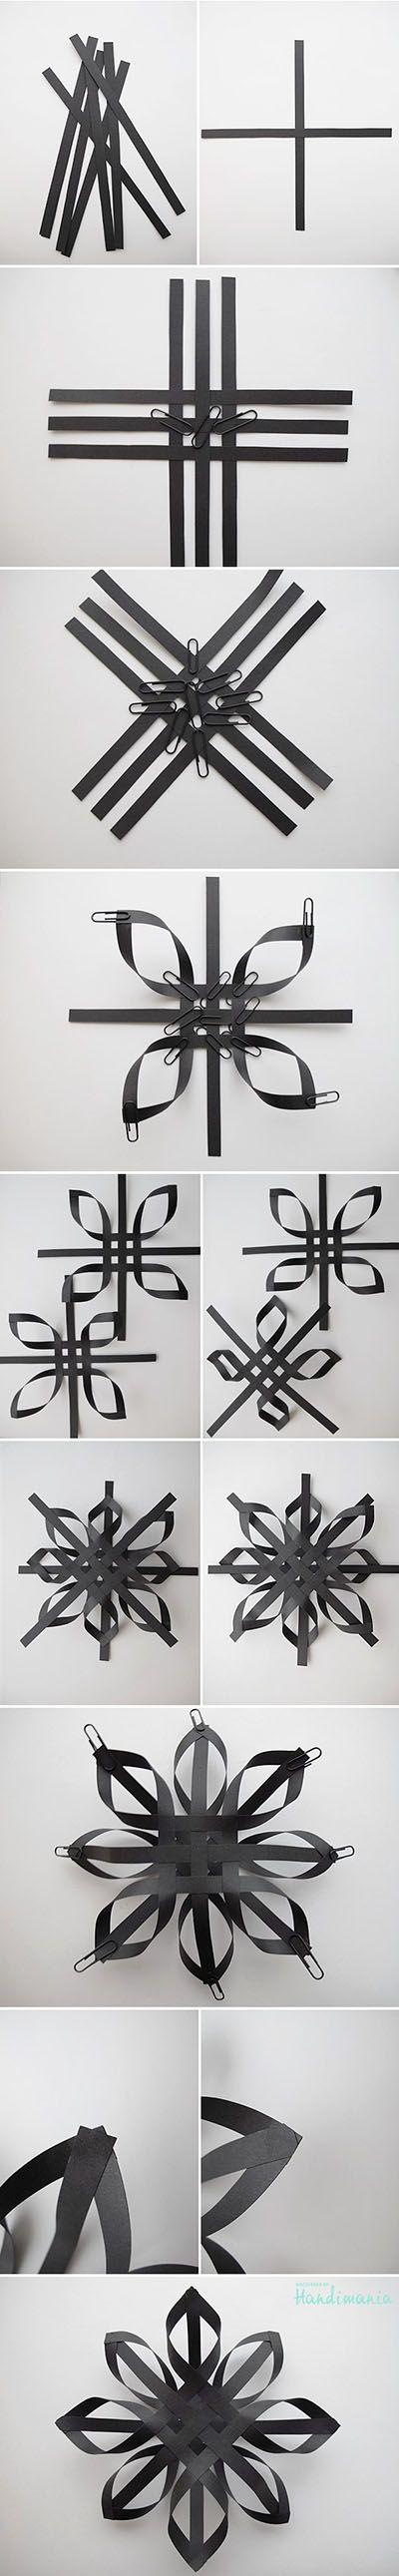 19 Woven design 5275a | DIY